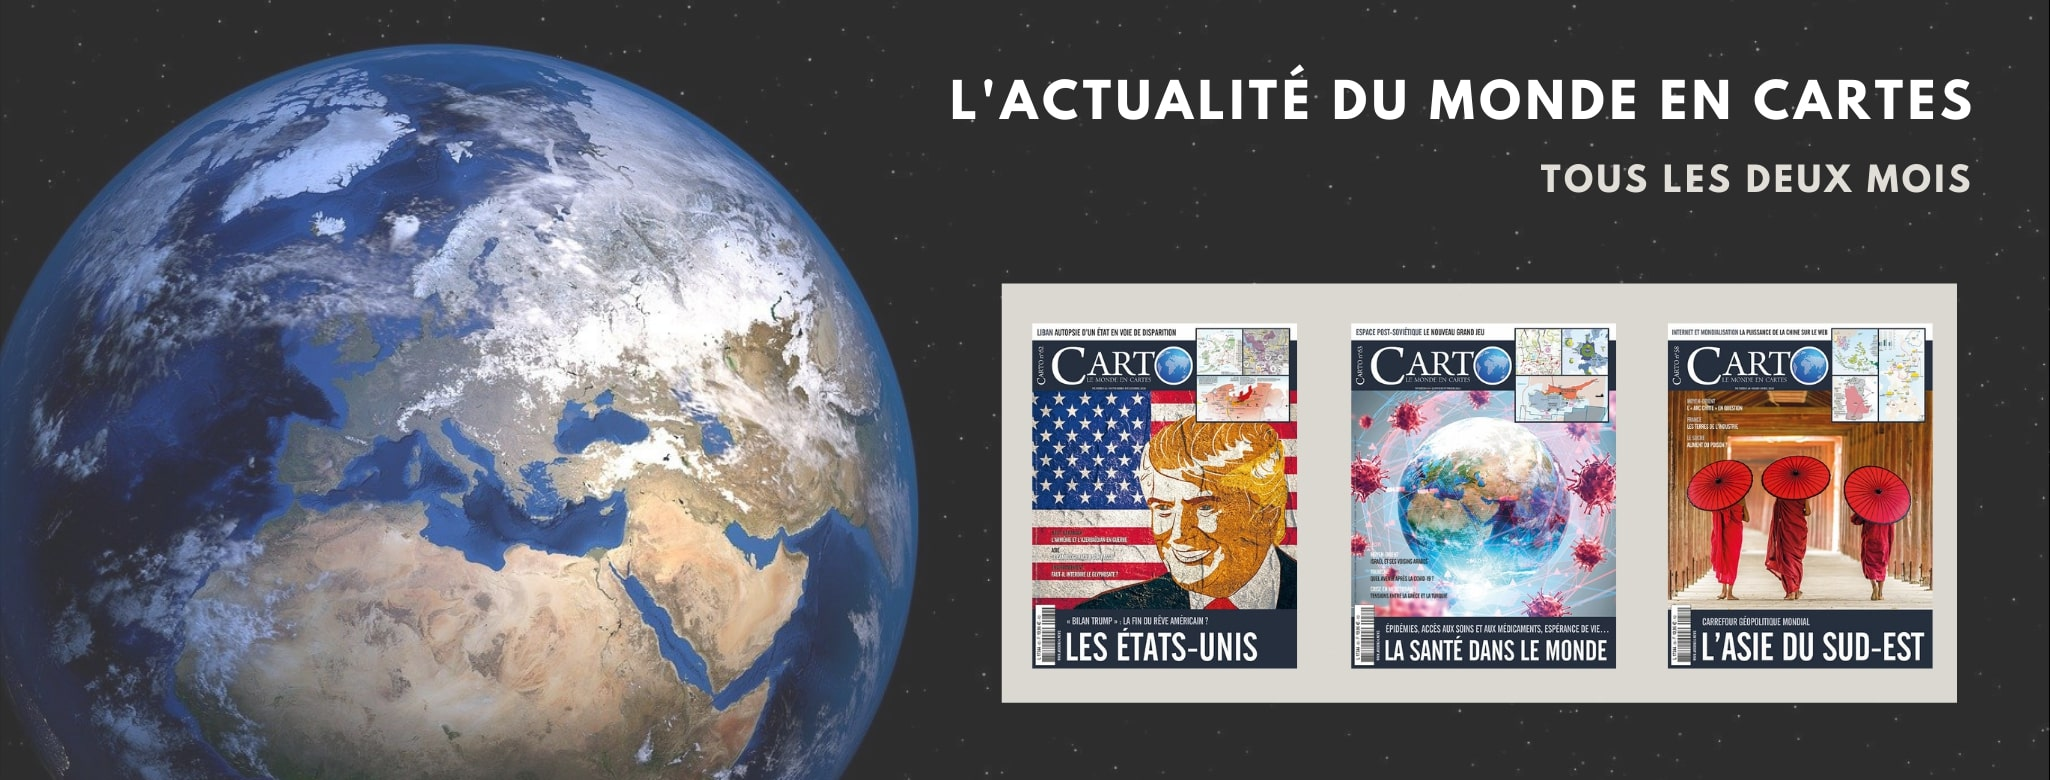 La revue Carto a l'ambition de lire et expliquer l'actualité internationale grâce aux cartes. Un défi énorme, mais passionnant, relevé tous les deux mois par la rédaction du magazine, dont deux cartographes et une quinzaine d'auteurs et d'analystes (géographes, historiens, politologues, etc.).